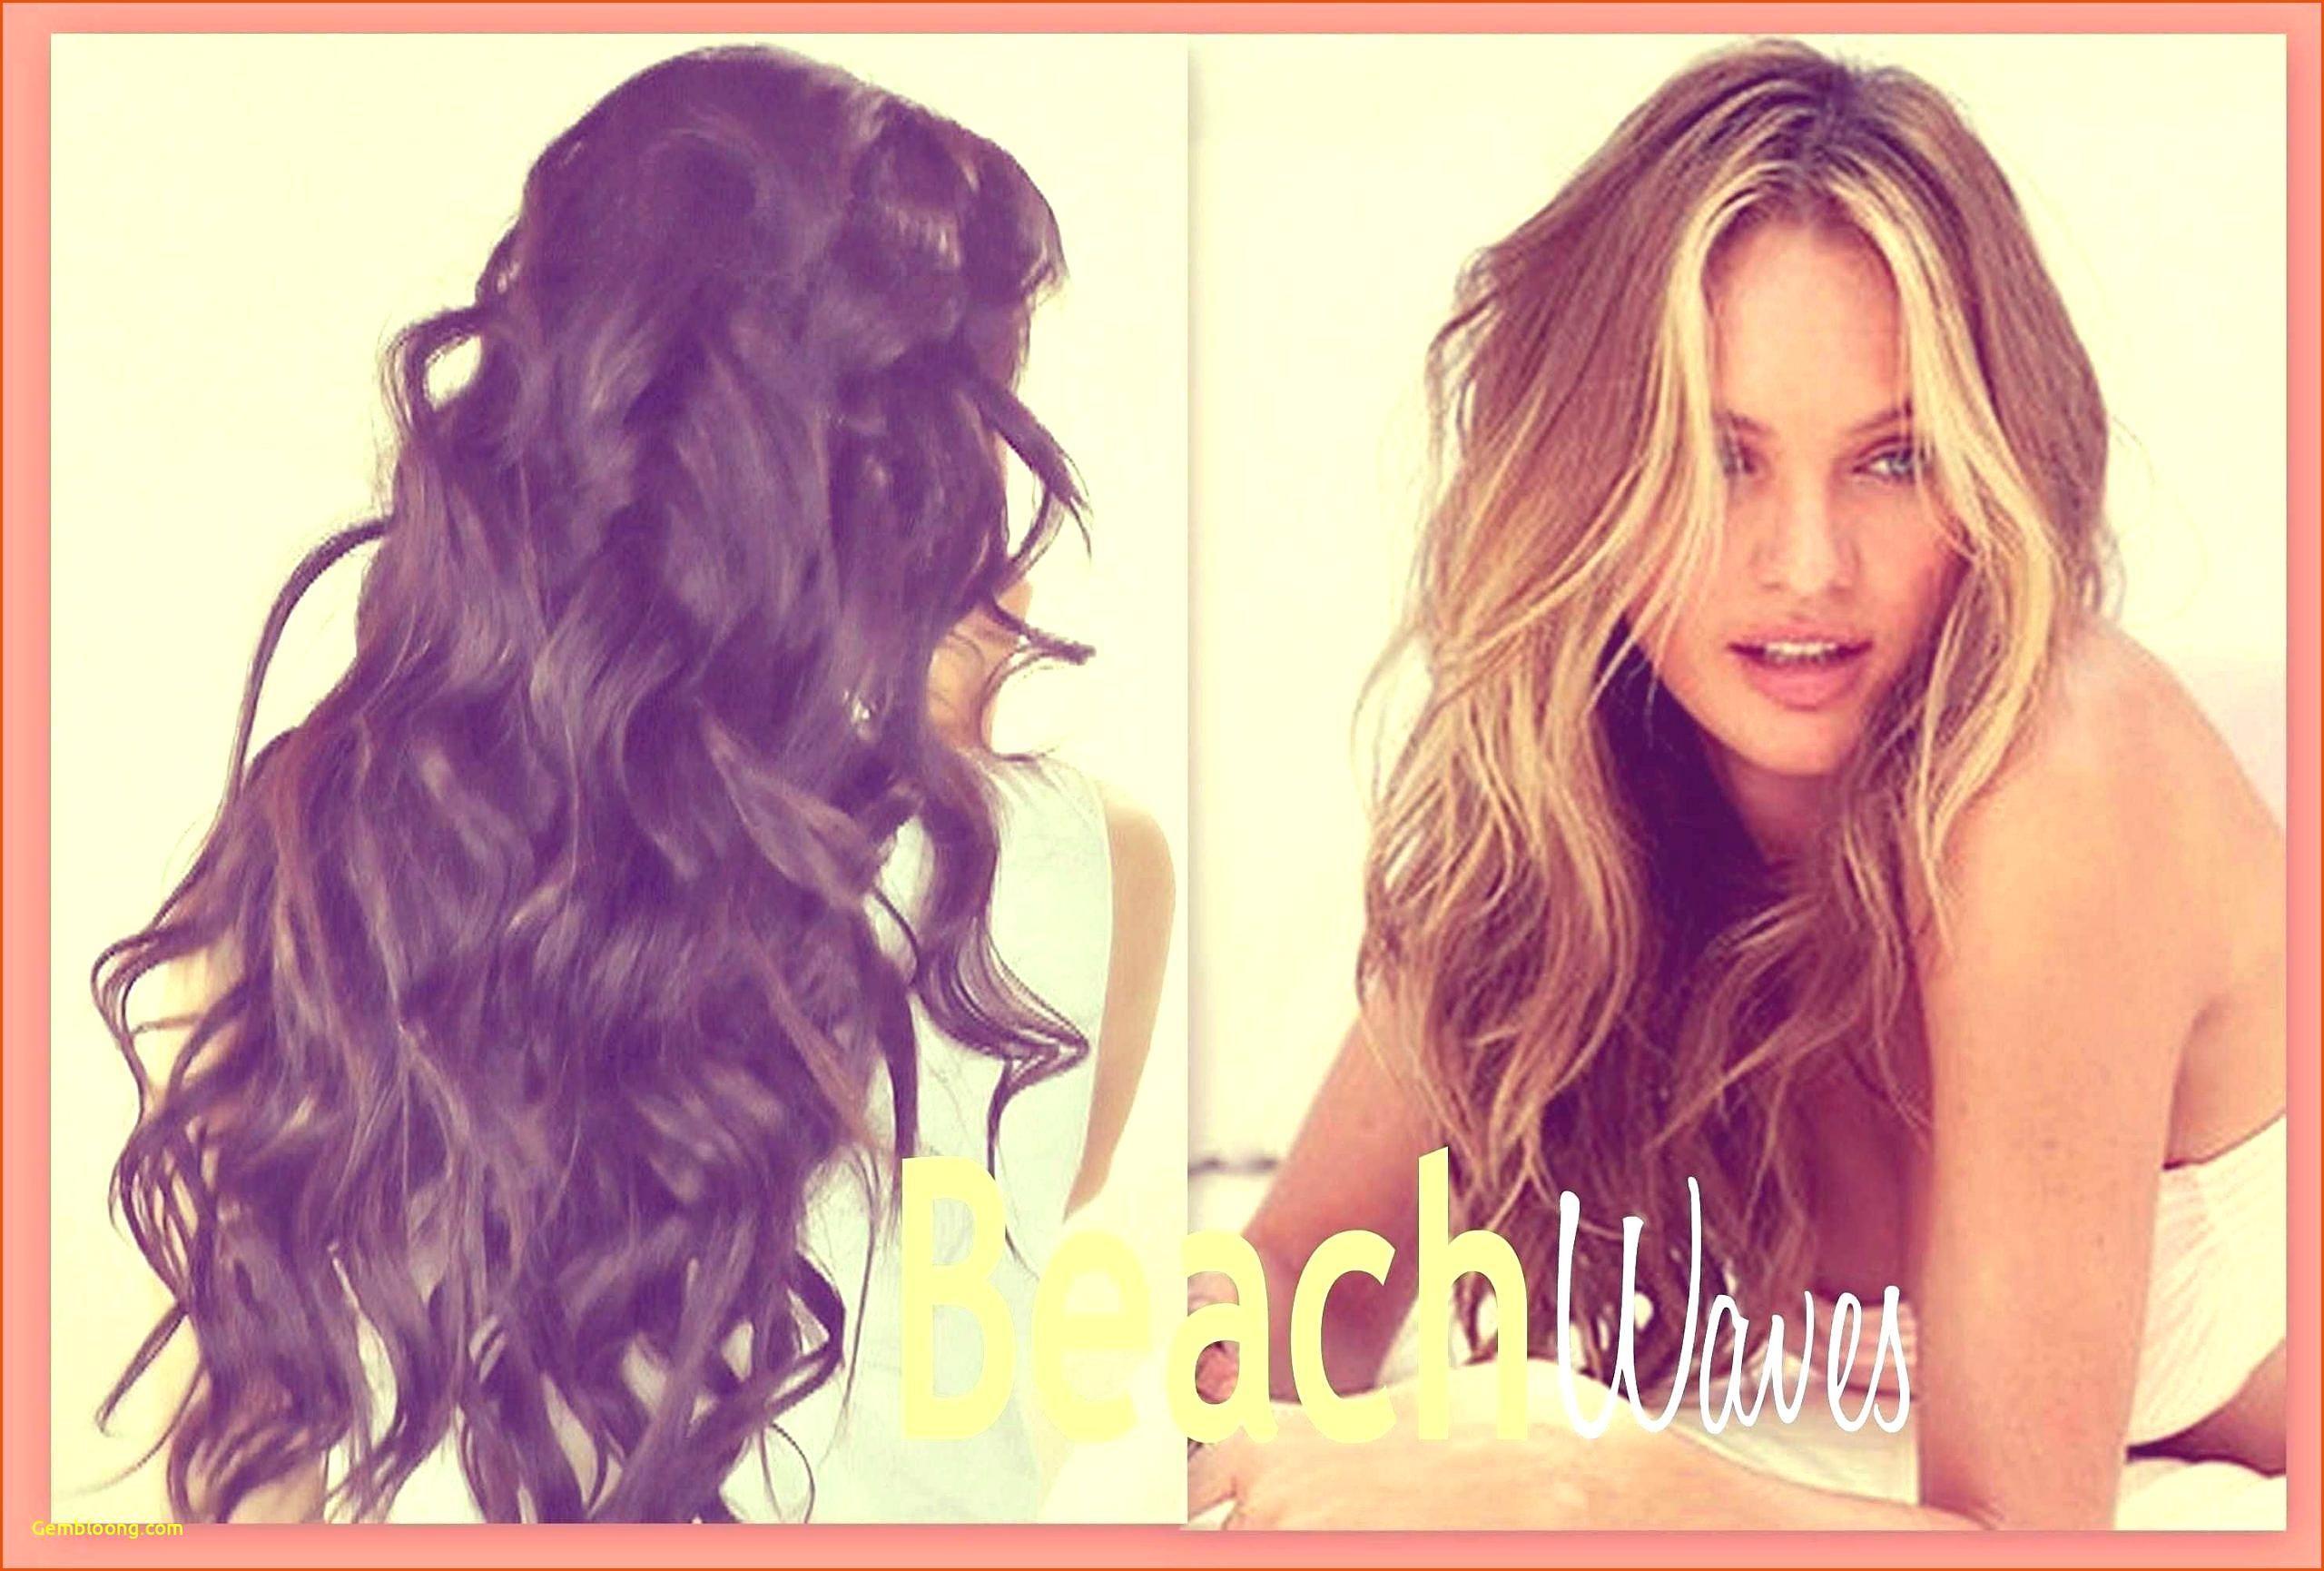 Kurze Frisuren 2020 Brown Undercut Kurze Frisuren 2020 Brown Undercut Kurze Kurze Frisuren 20 Geflochtene Frisuren Langhaarfrisuren Frisur Hochgesteckt